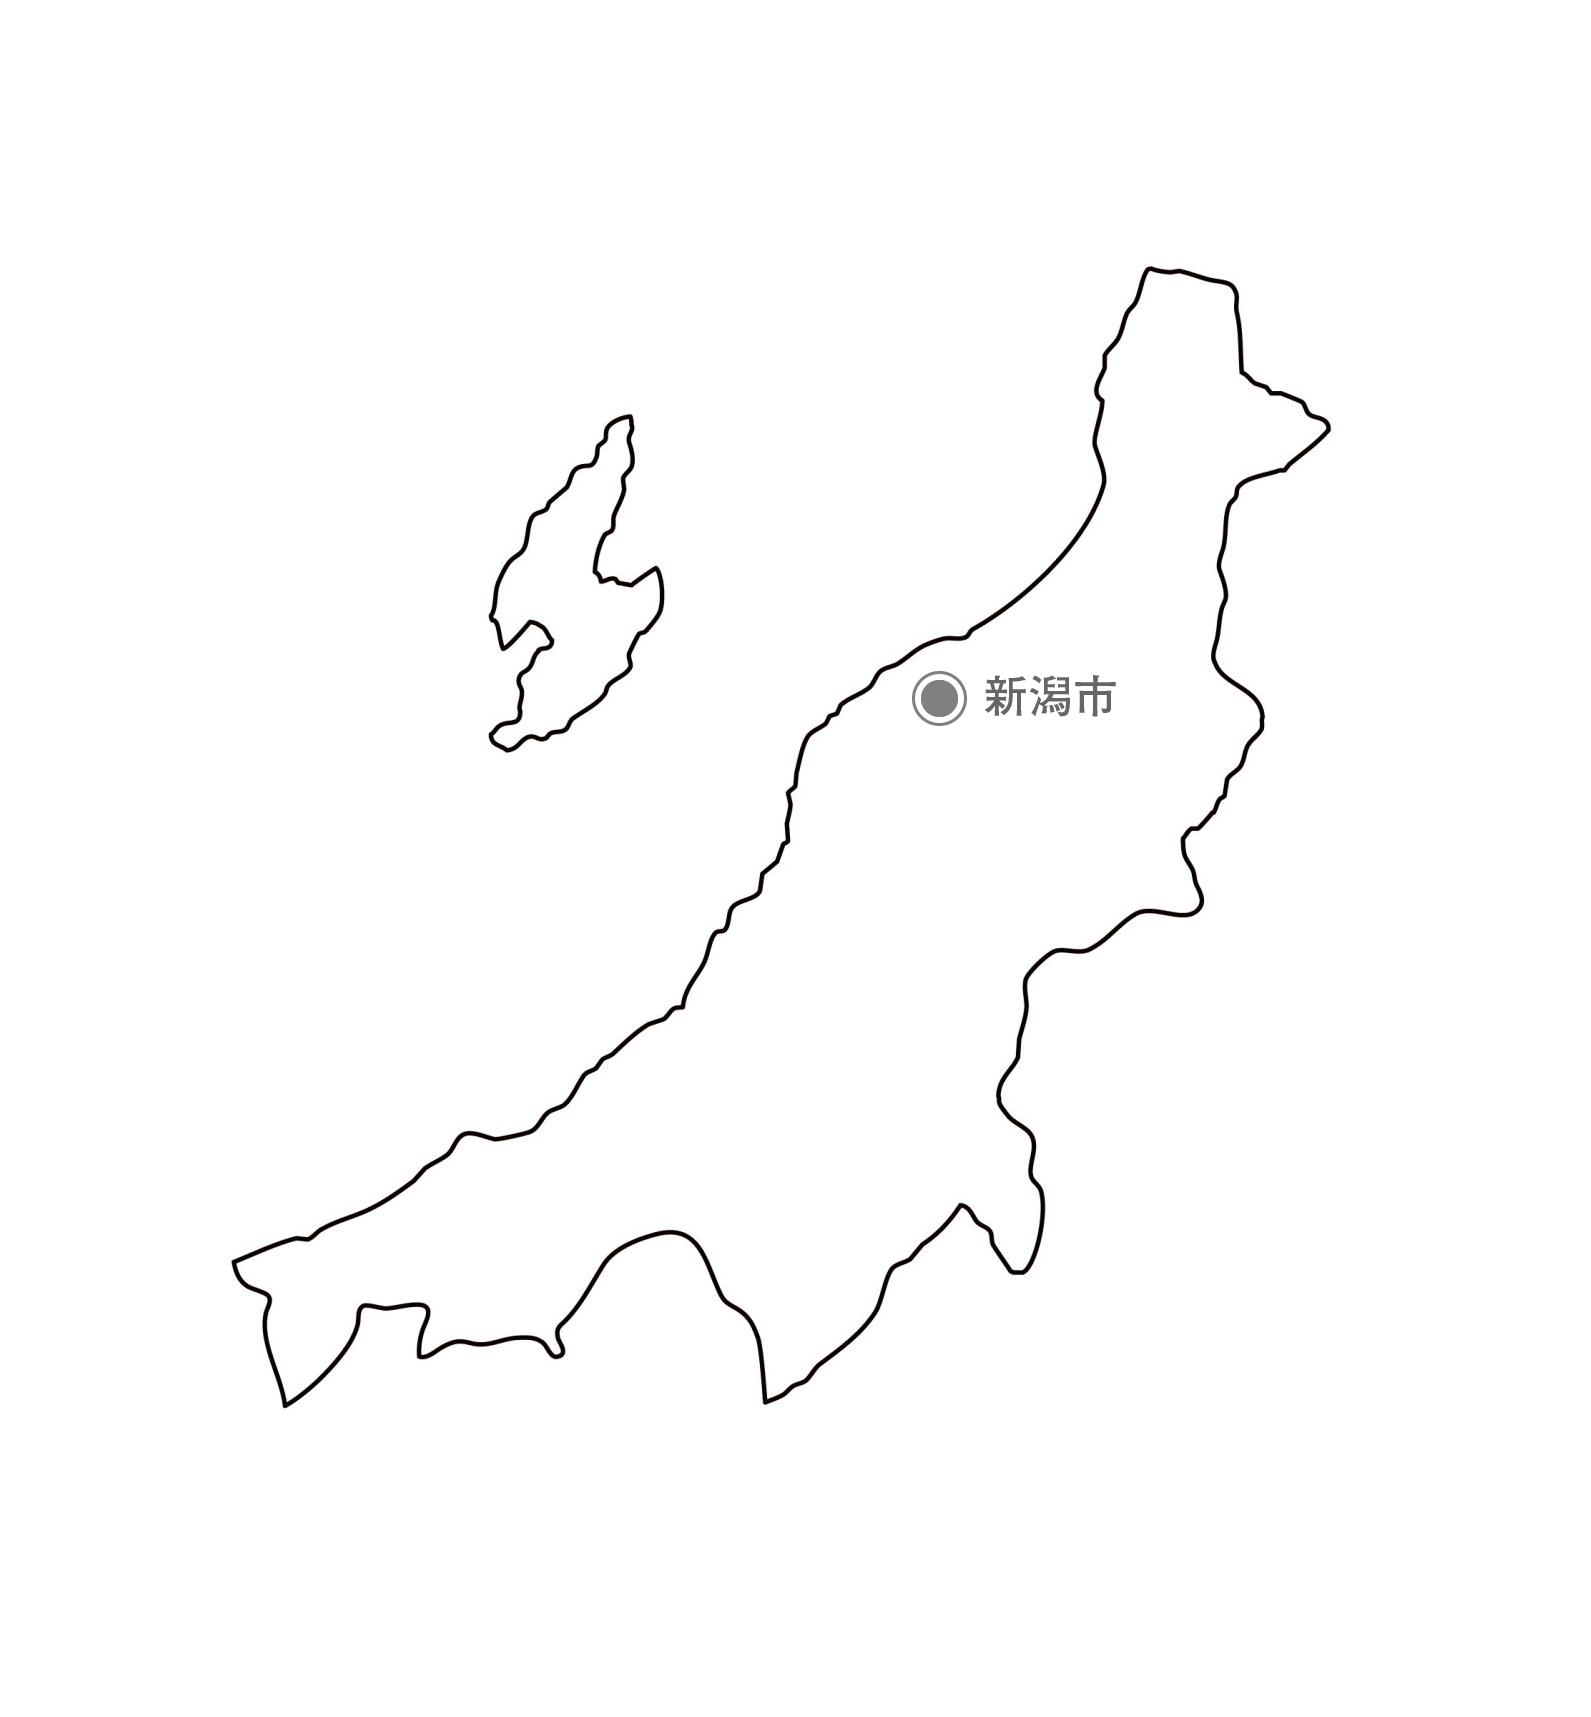 [白地図]新潟県・都道府県名・県庁所在地あり